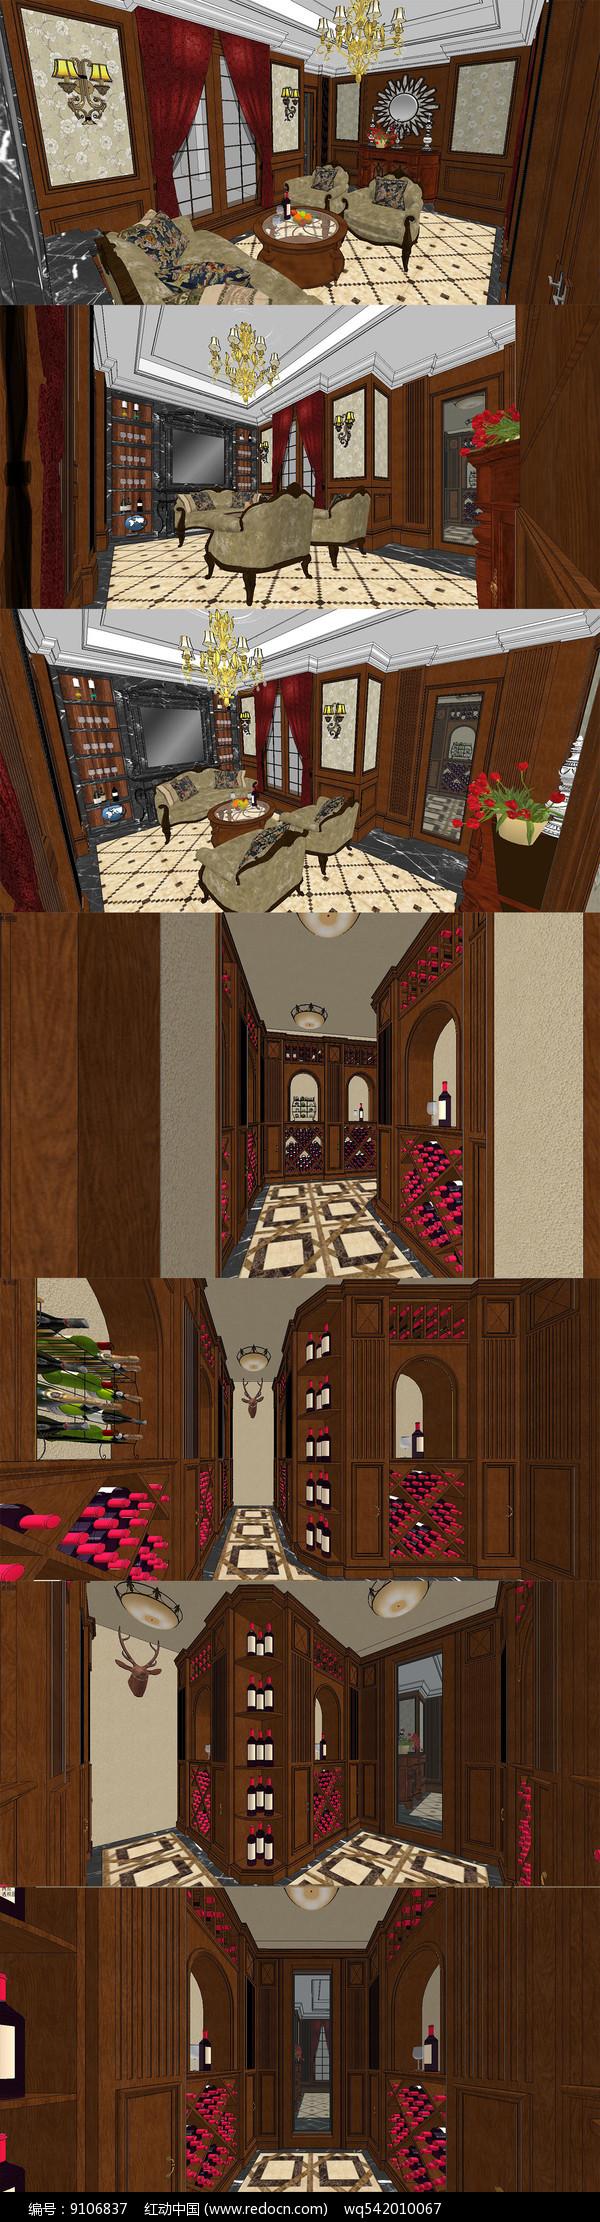 地下室红酒窖室内设计SU模型图片